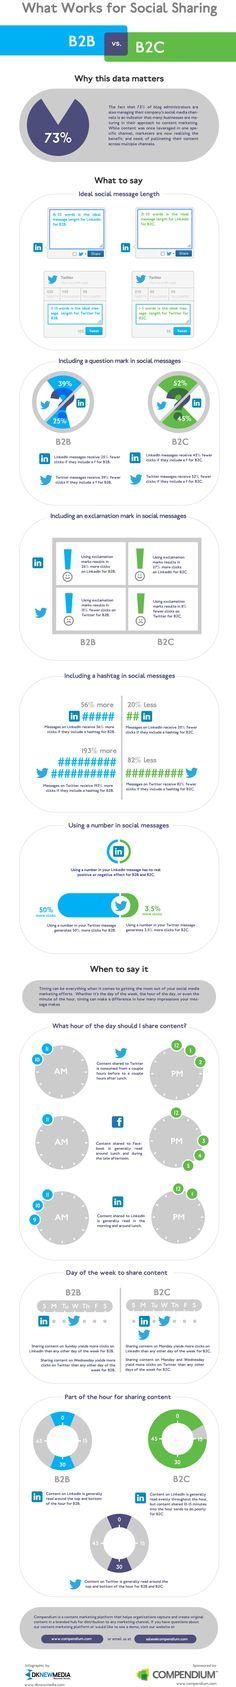 interactie-op-social-media-infographic